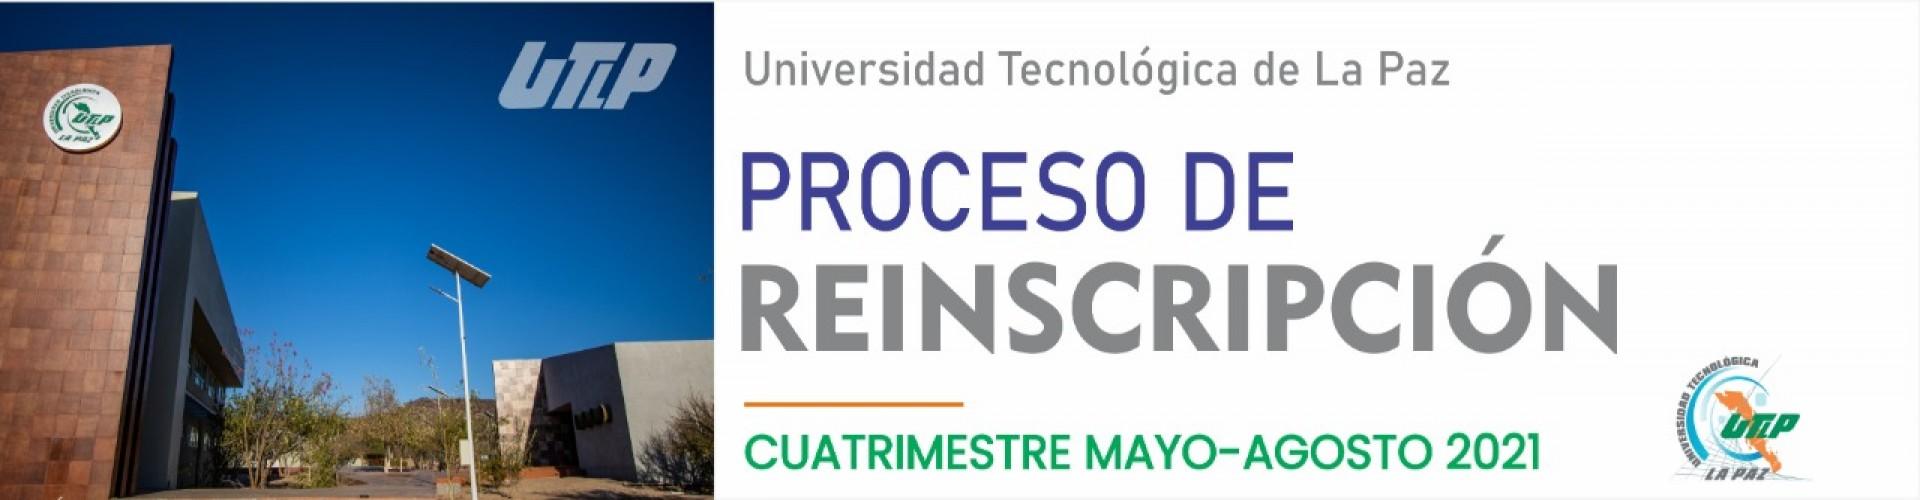 Proceso de reinscripción para el cuatrimestre Mayo - Agosto 2021